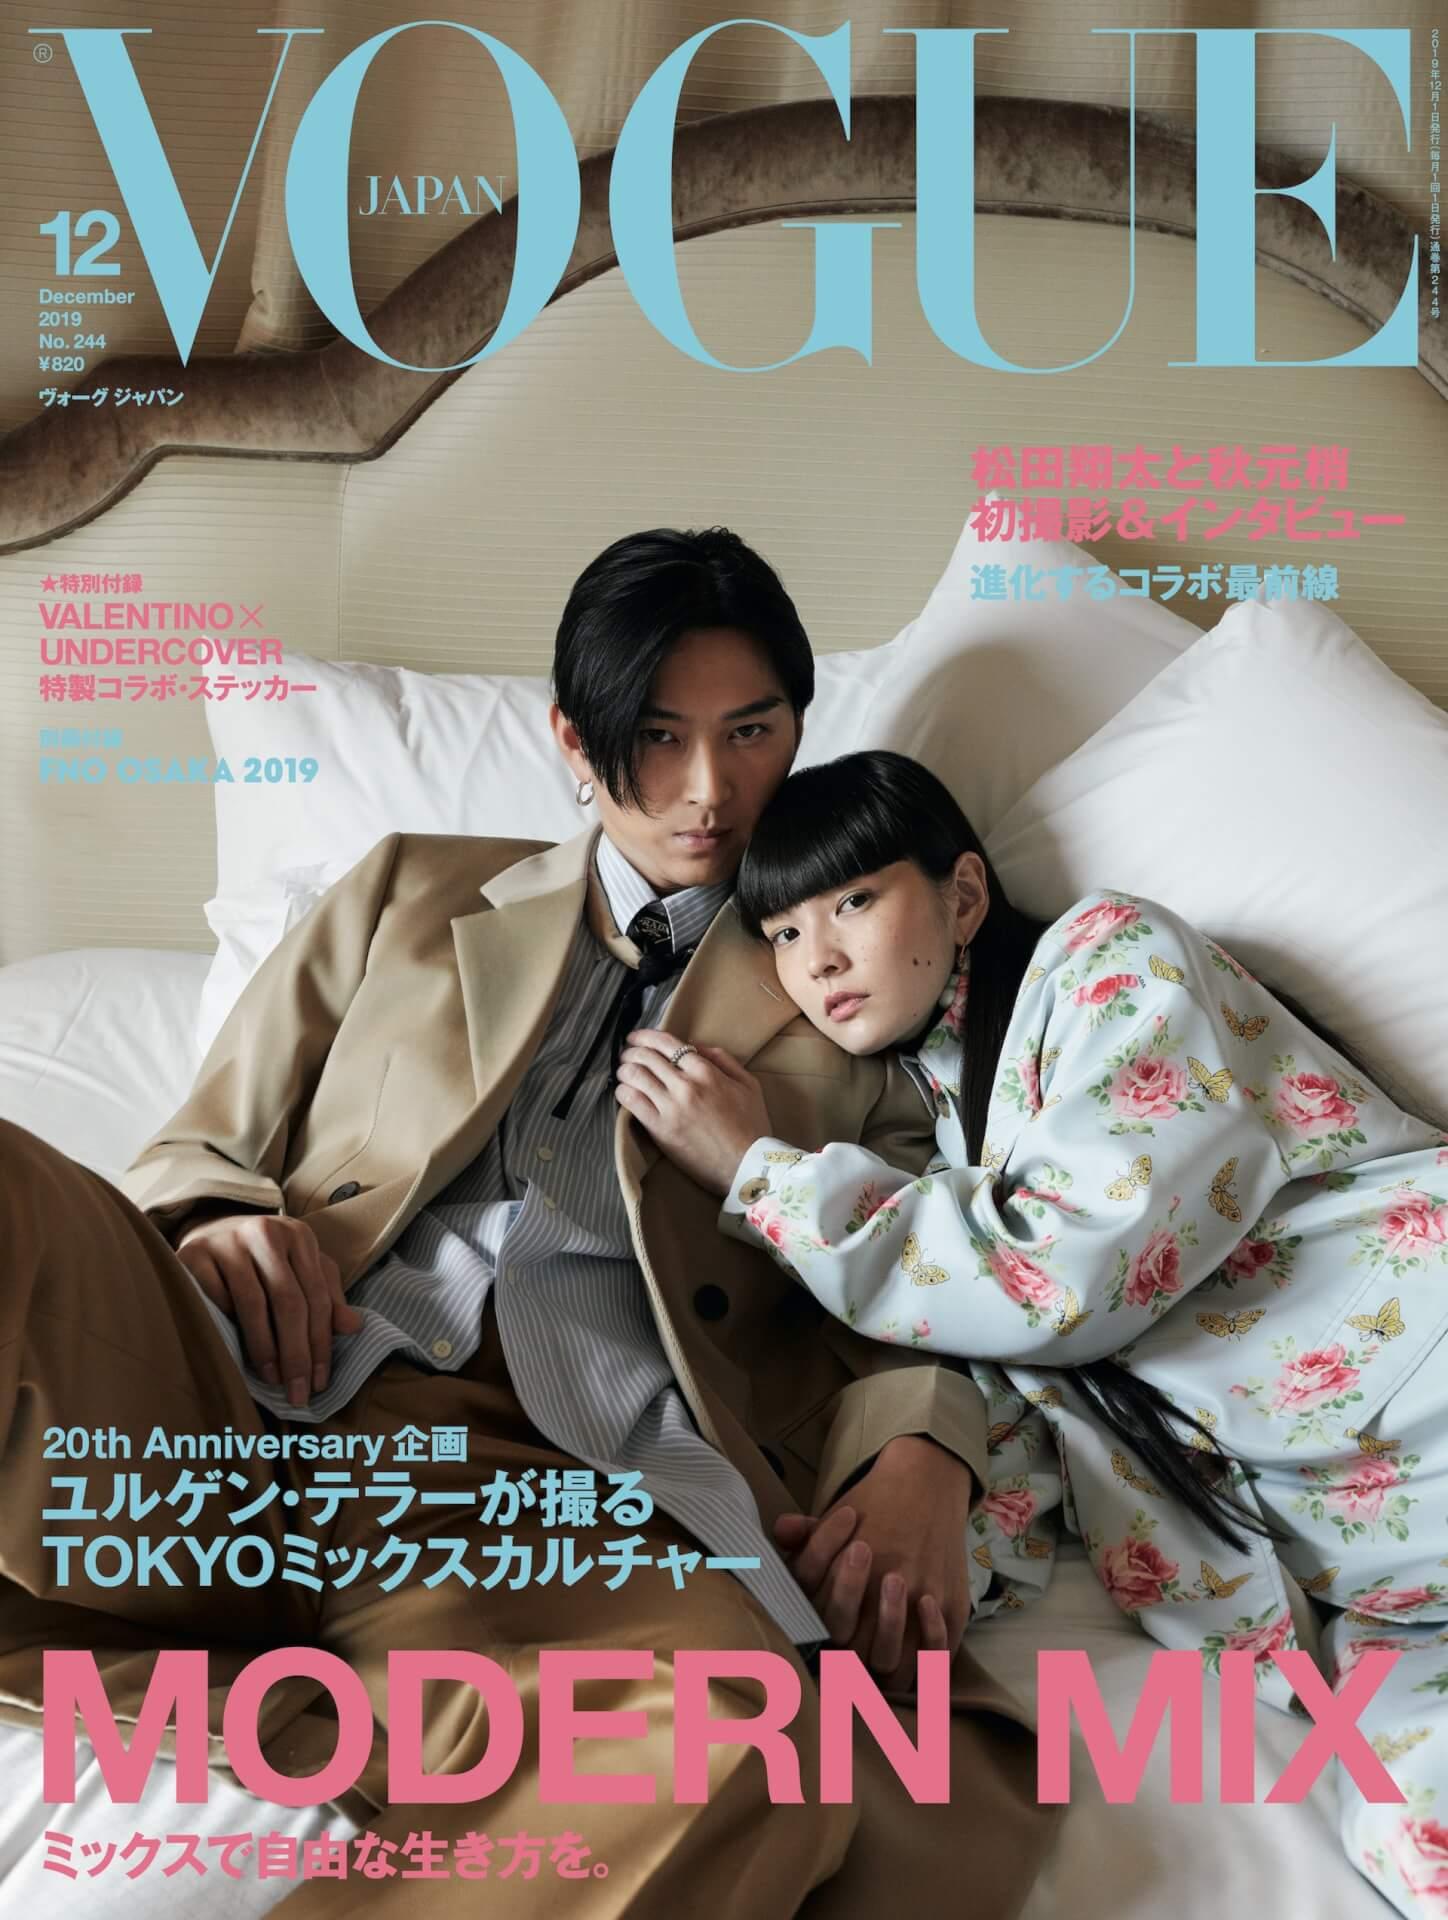 松田翔太&秋元梢夫妻が『VOUGE JAPAN』表紙に初のスペシャルシューティング!独占インタビューも収録 art191021_vogue_couple_main